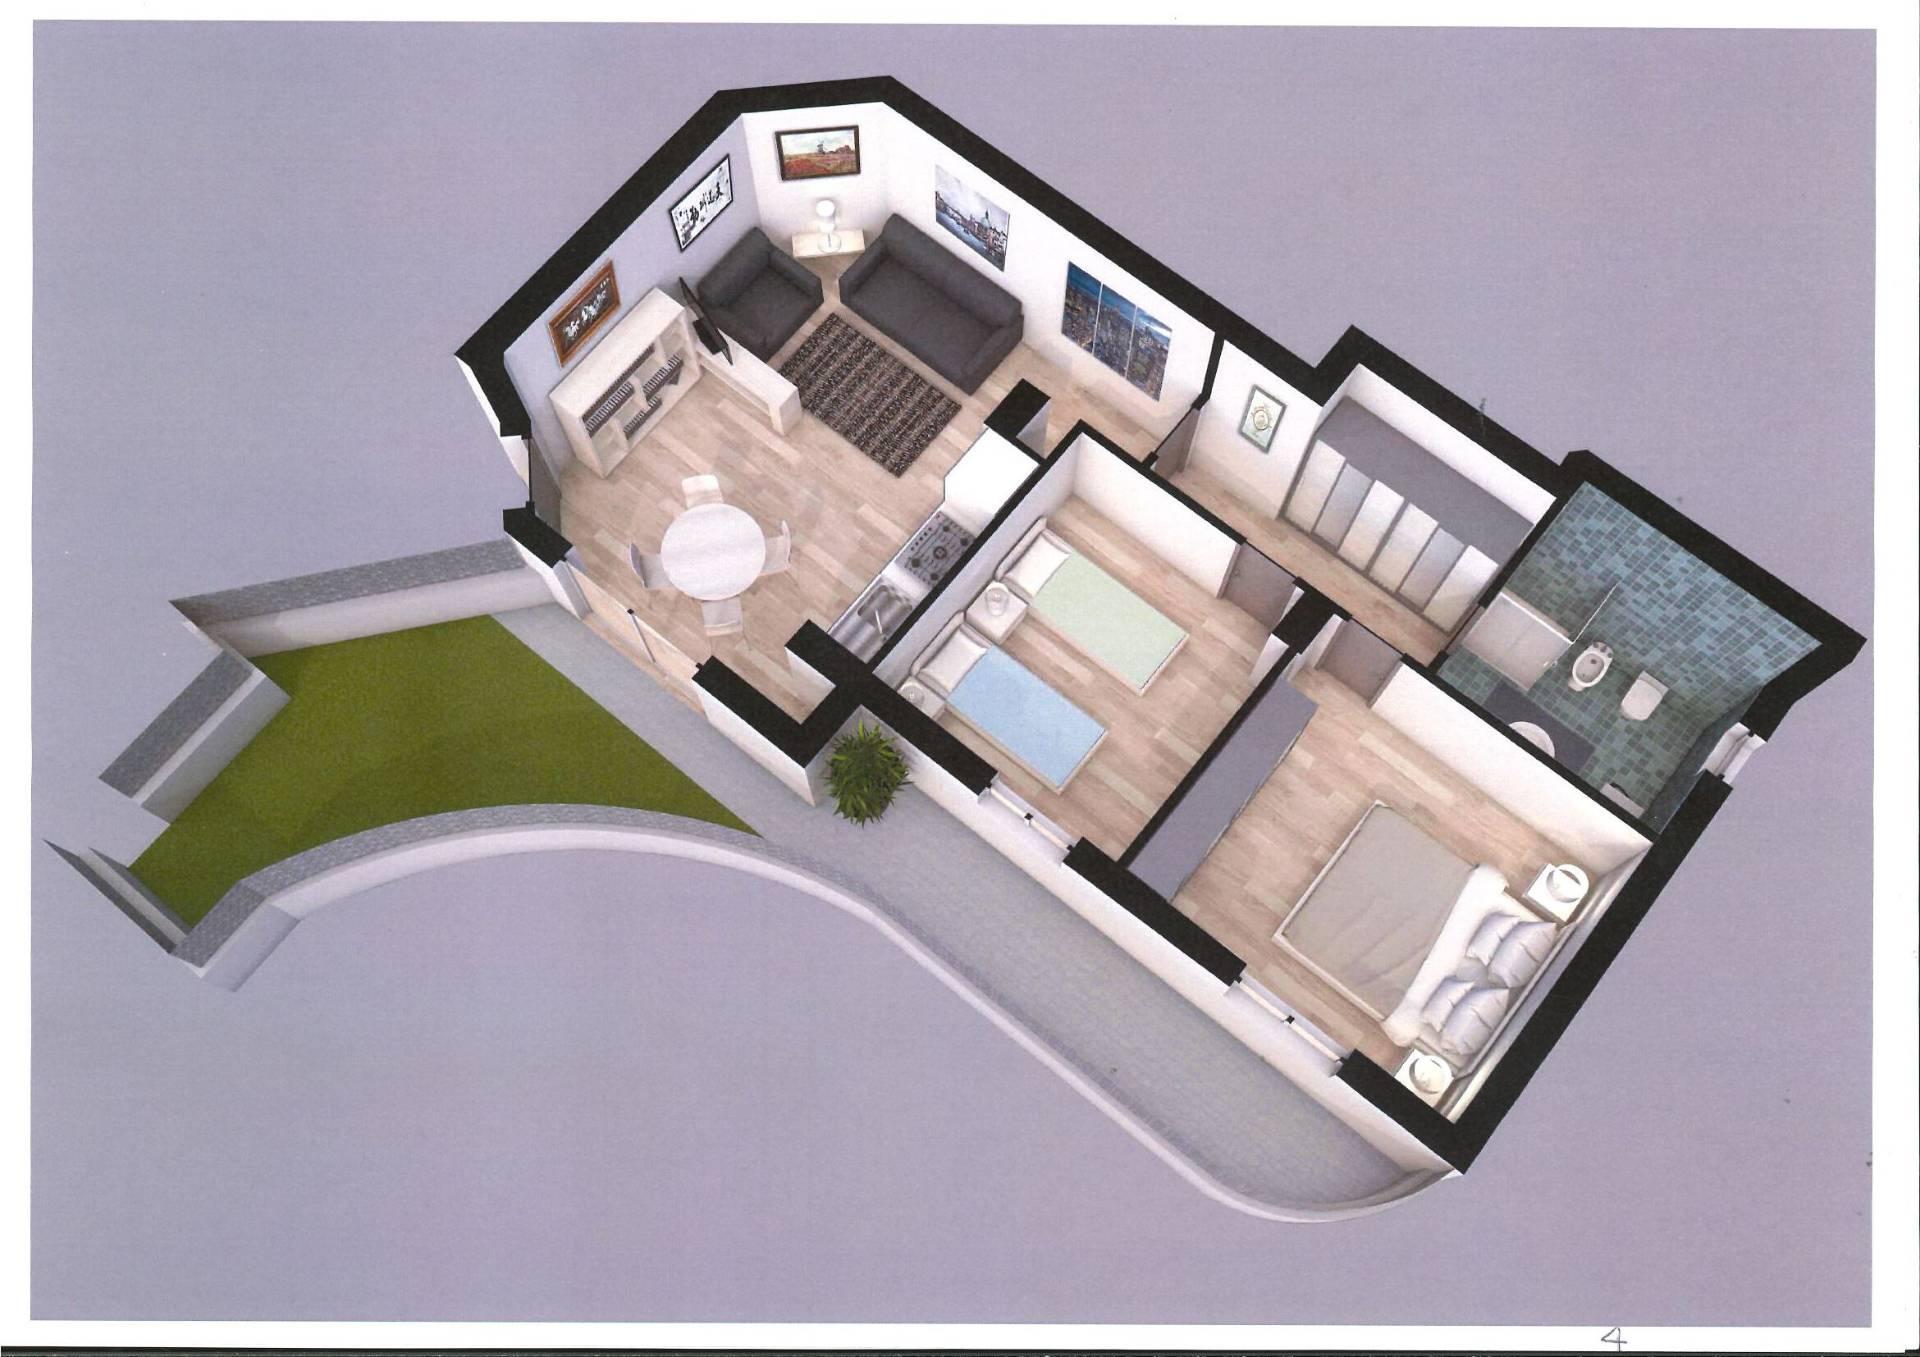 Appartamento in vendita a Alba Adriatica, 3 locali, zona Località: residenziale, prezzo € 155.000 | PortaleAgenzieImmobiliari.it